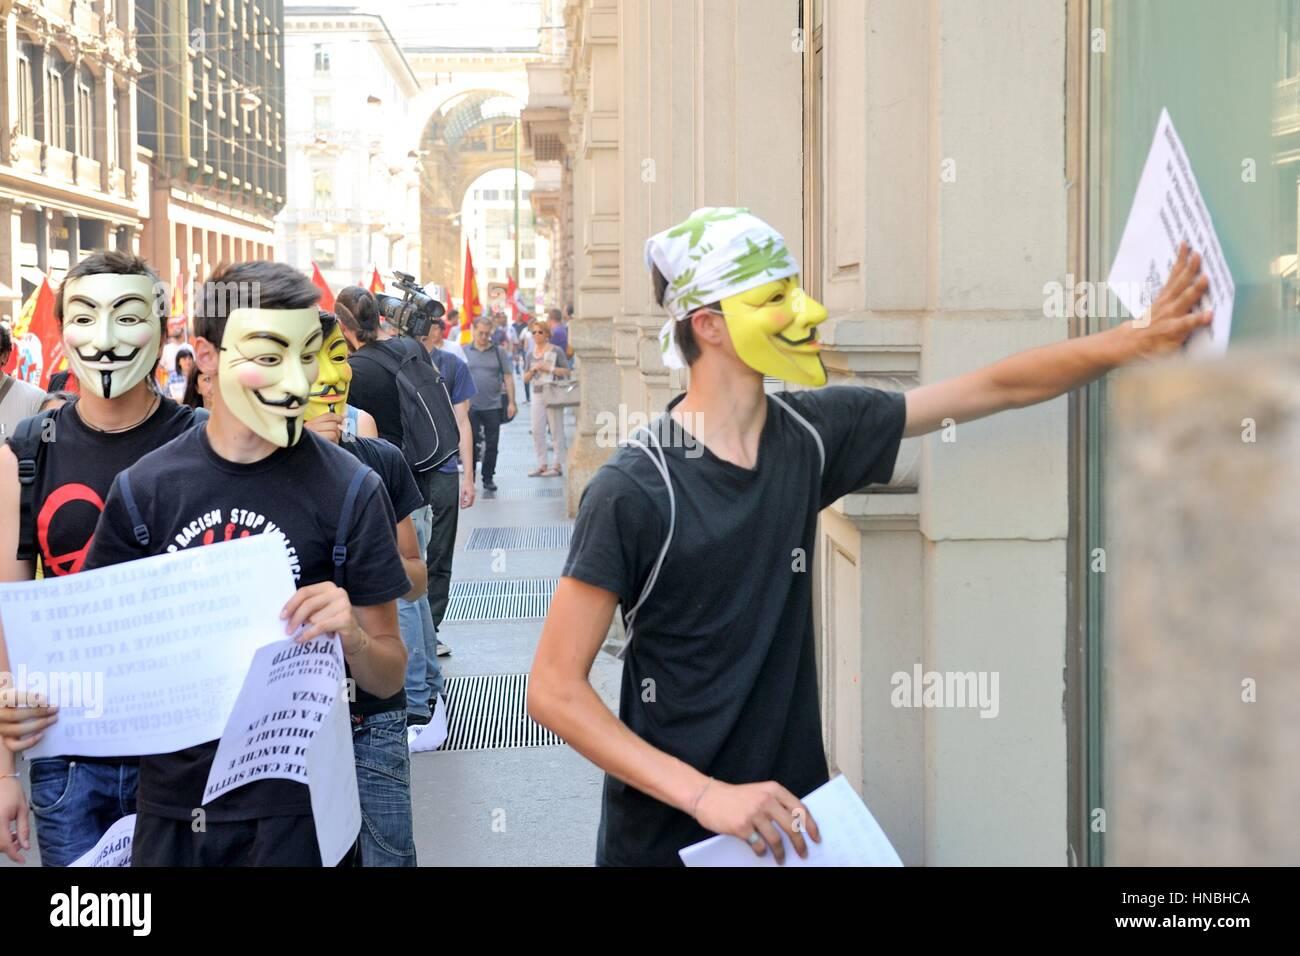 anonyme Demonstrant bei gegen Sparmaßnahmen Demonstration Stockbild